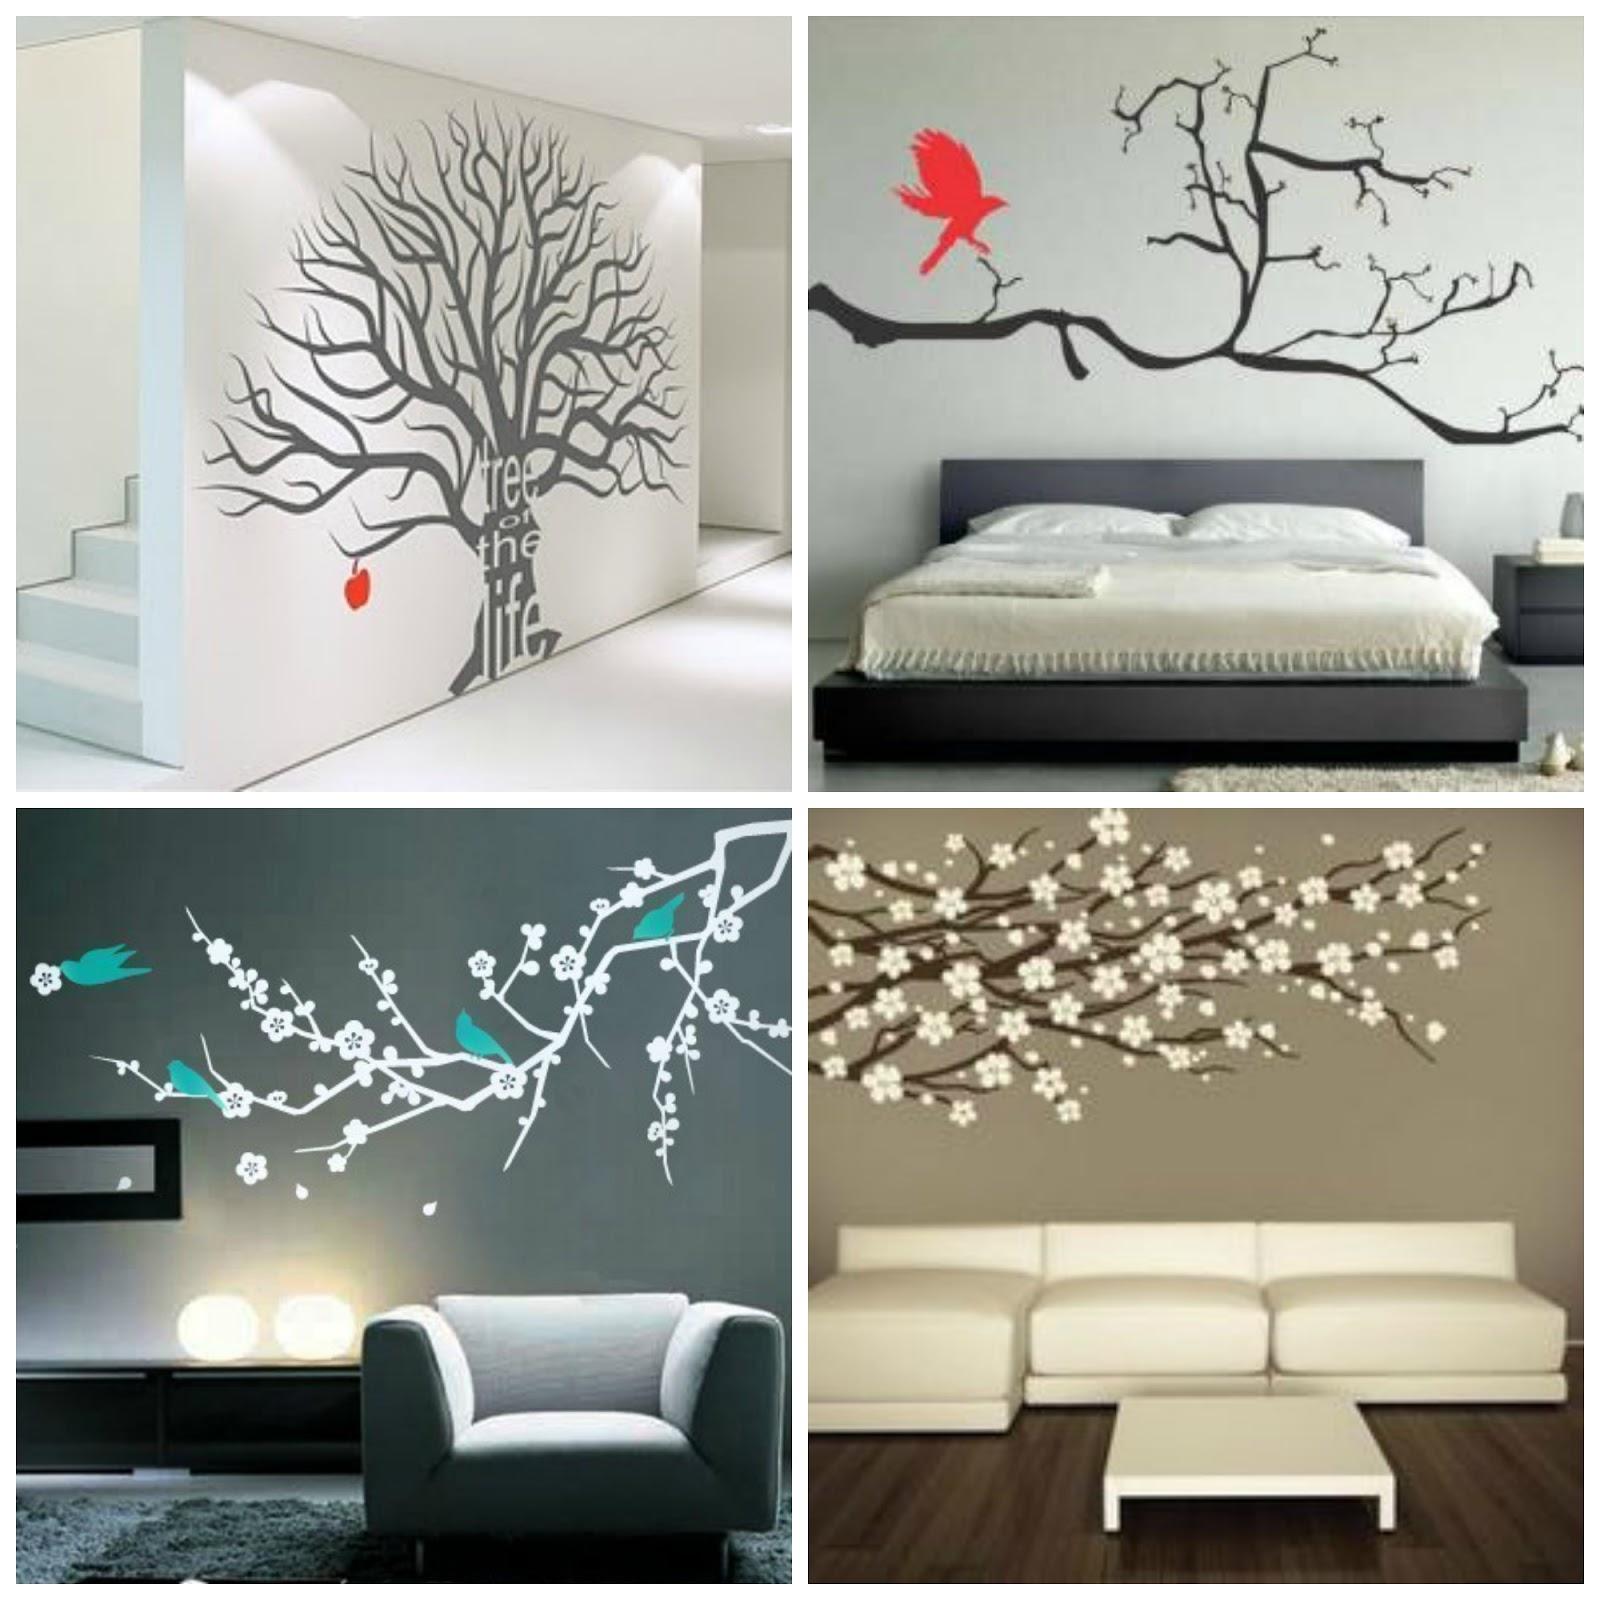 Alquiler de apartamentos y locales vinilos decorativos for Adornos decorativos